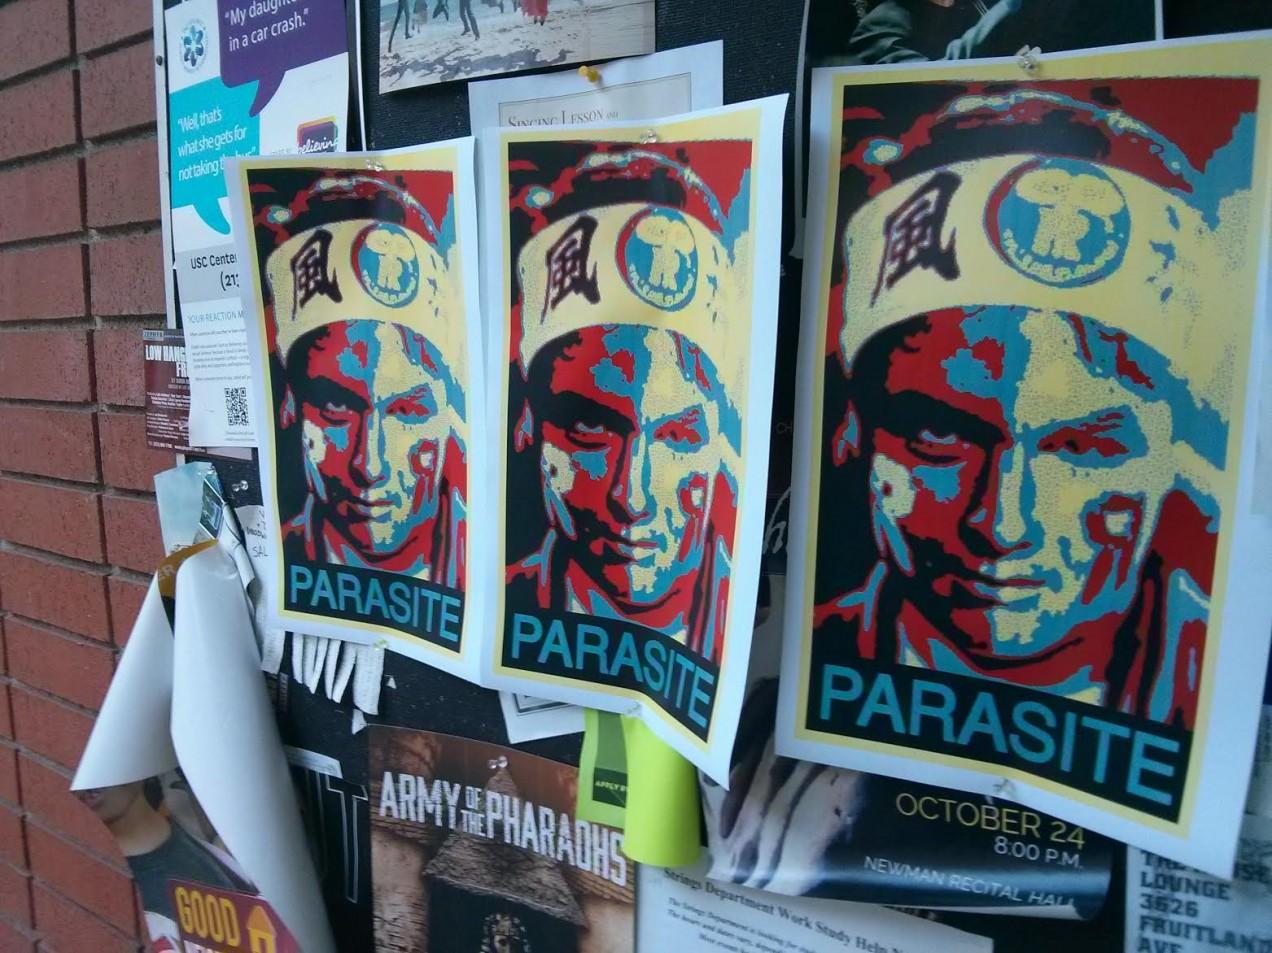 Parasite3